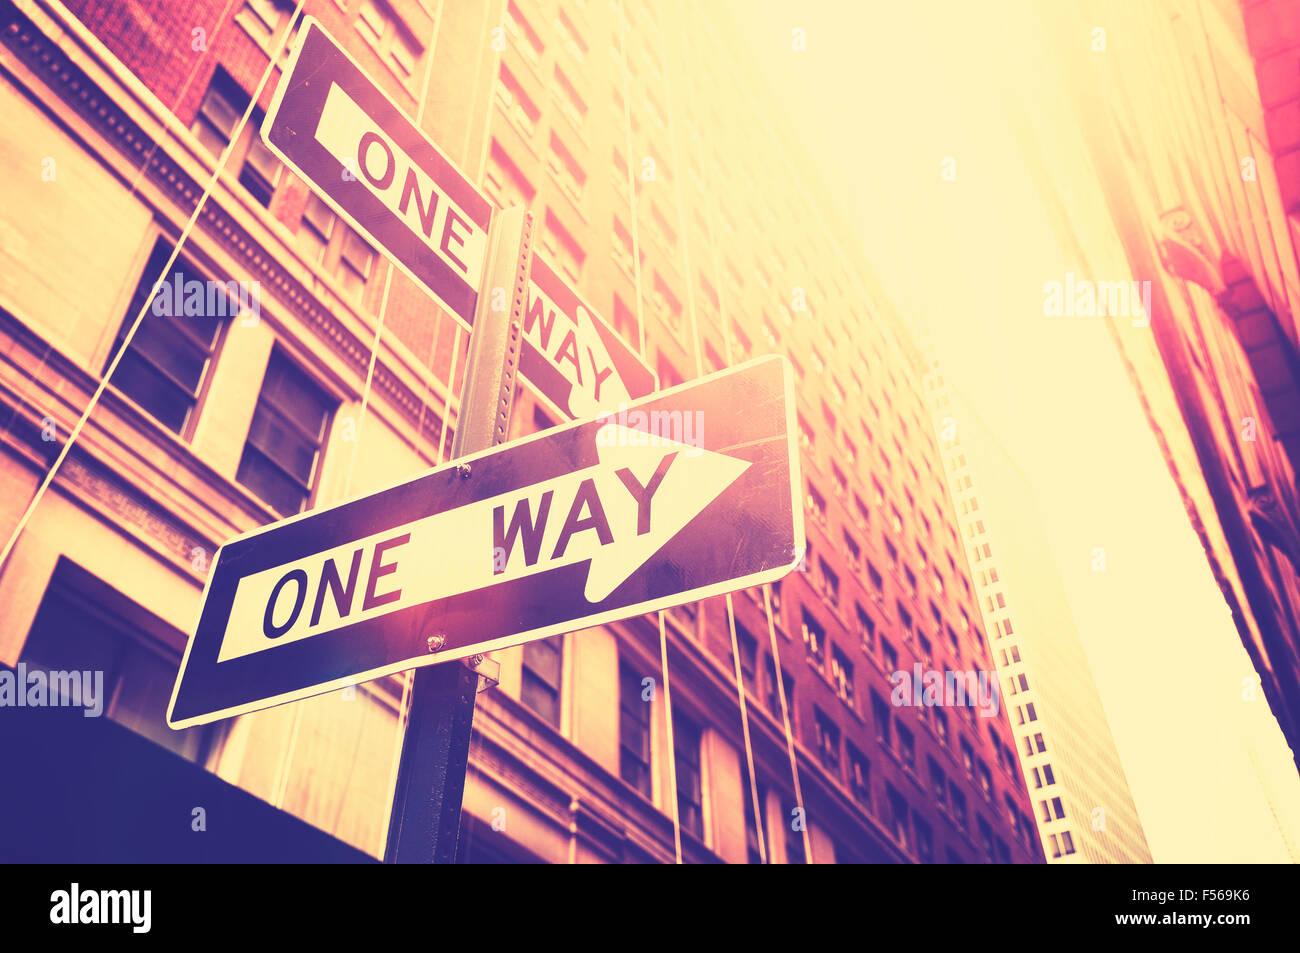 Style vintage photo de l'une façon signe à Manhattan, New York, USA. Banque D'Images